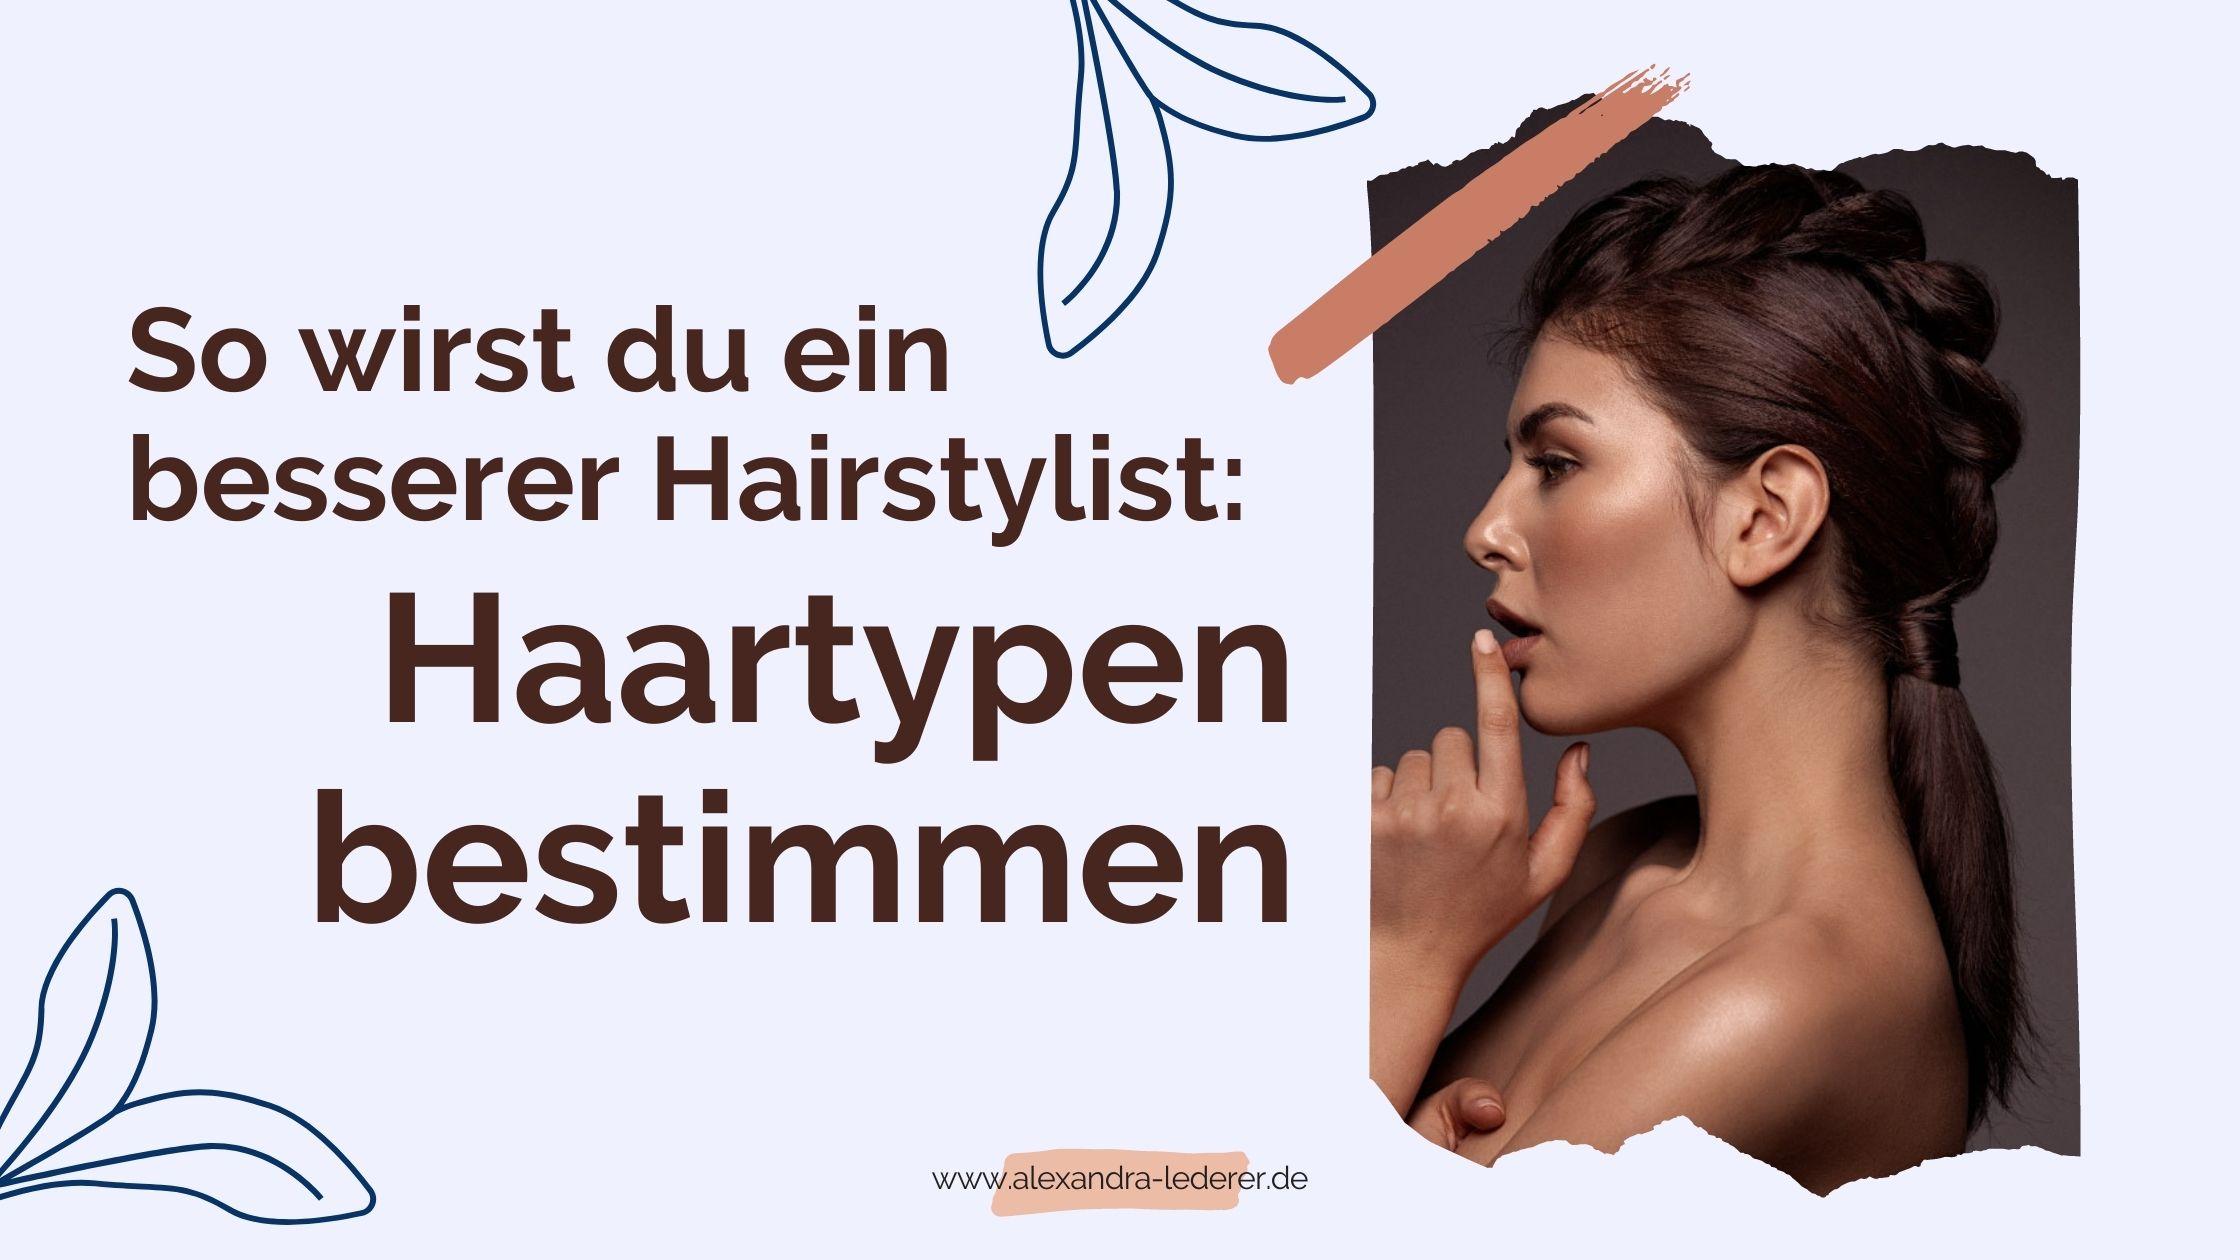 Haartypen bestimmen